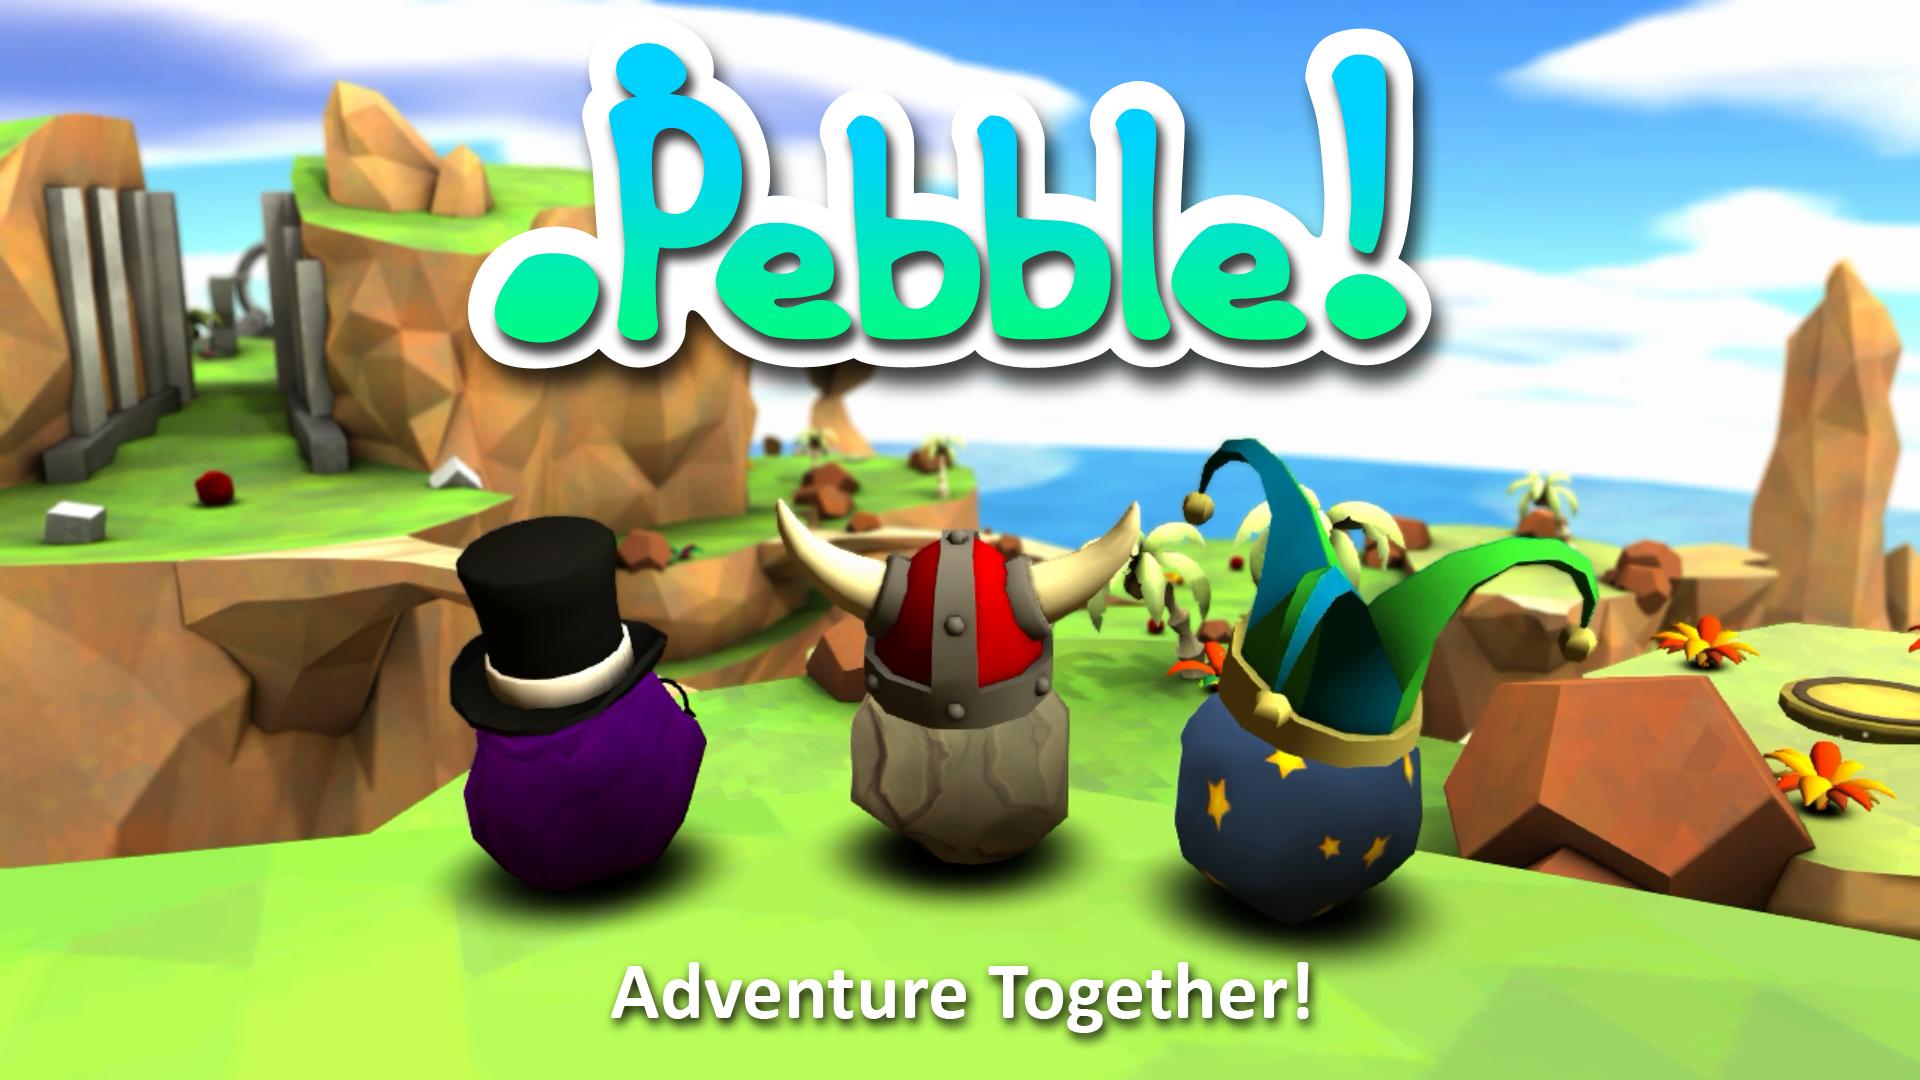 Pebble!